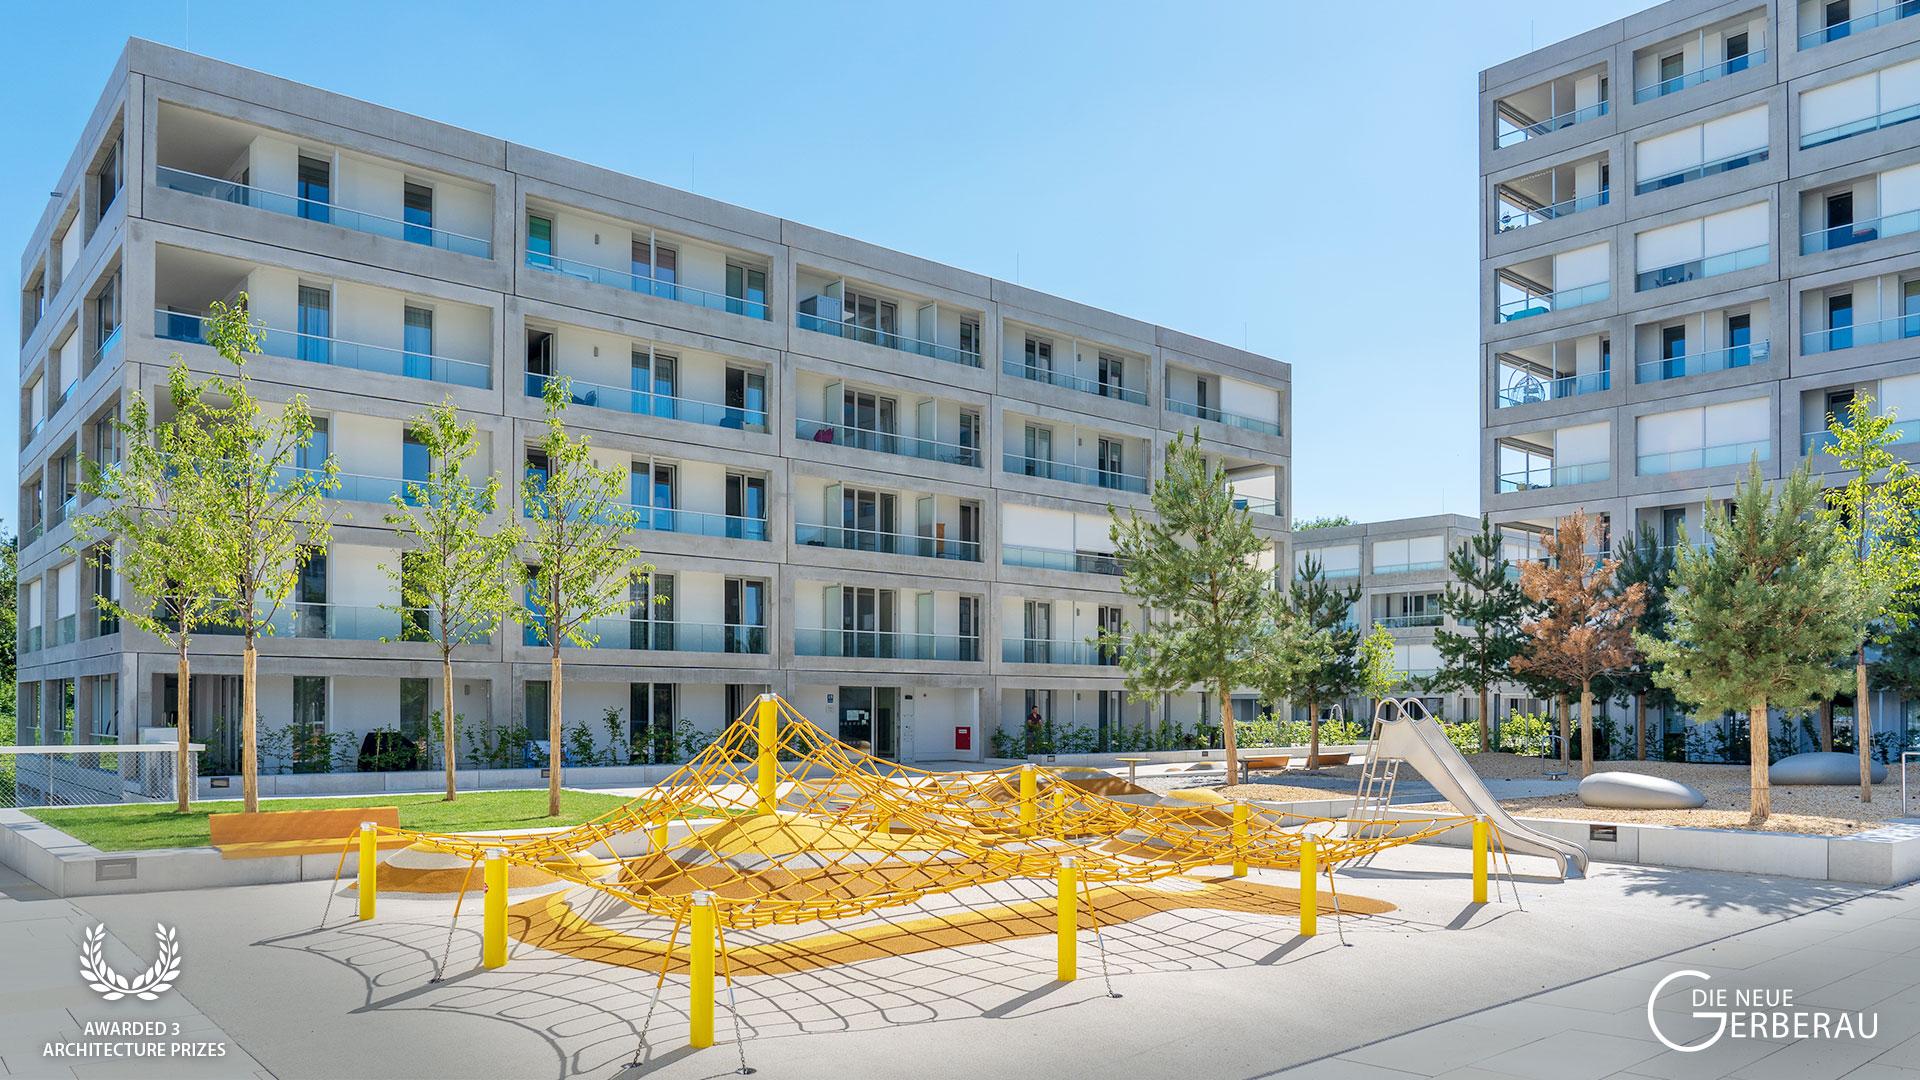 'DIE NEUE GERBERAU' wins third architecture prize